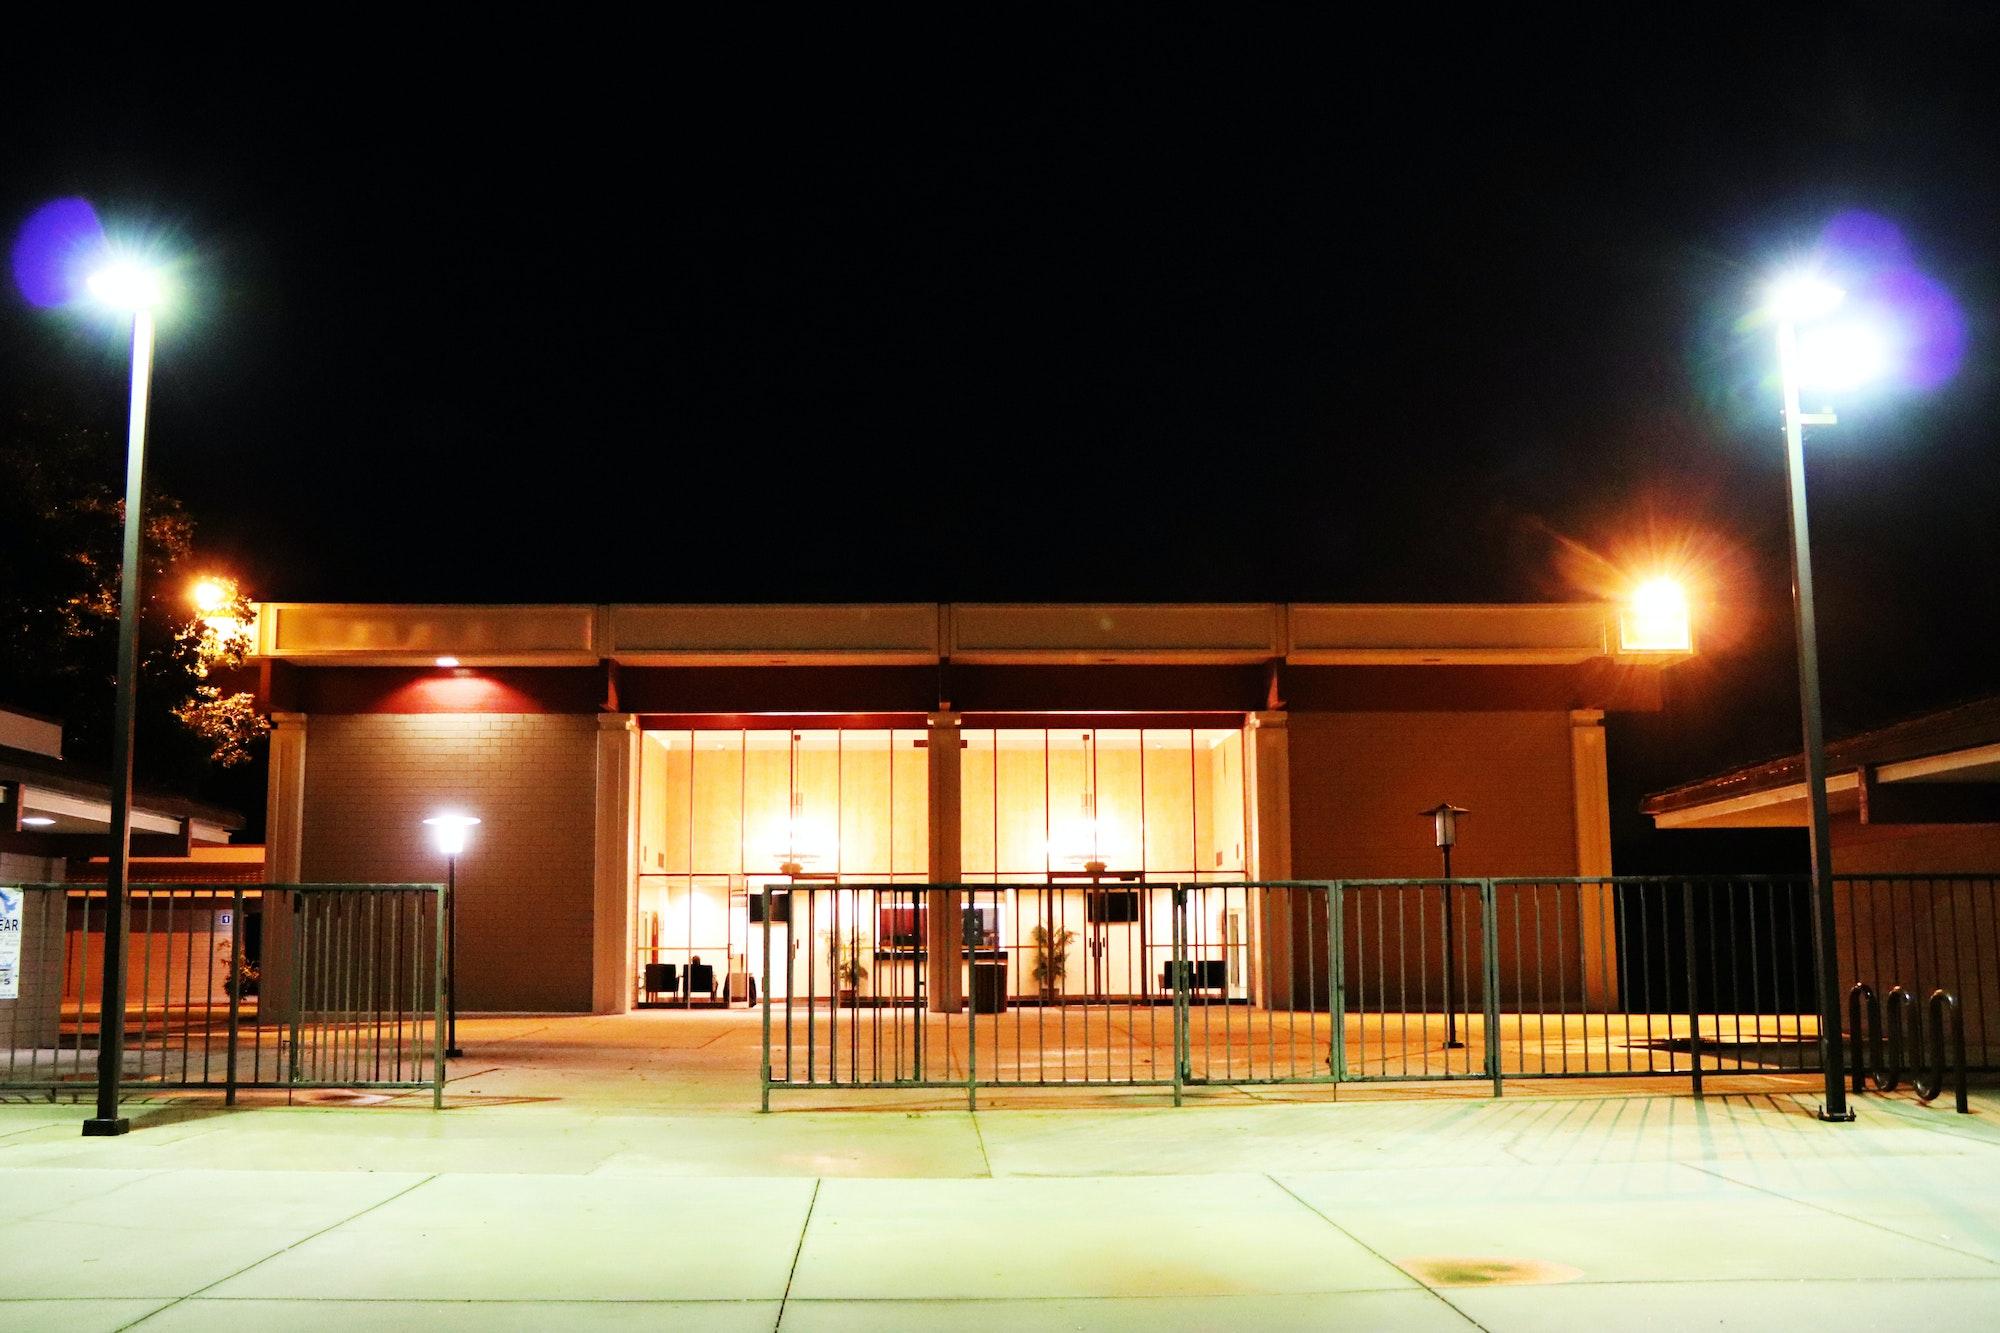 Community Center Auditorium